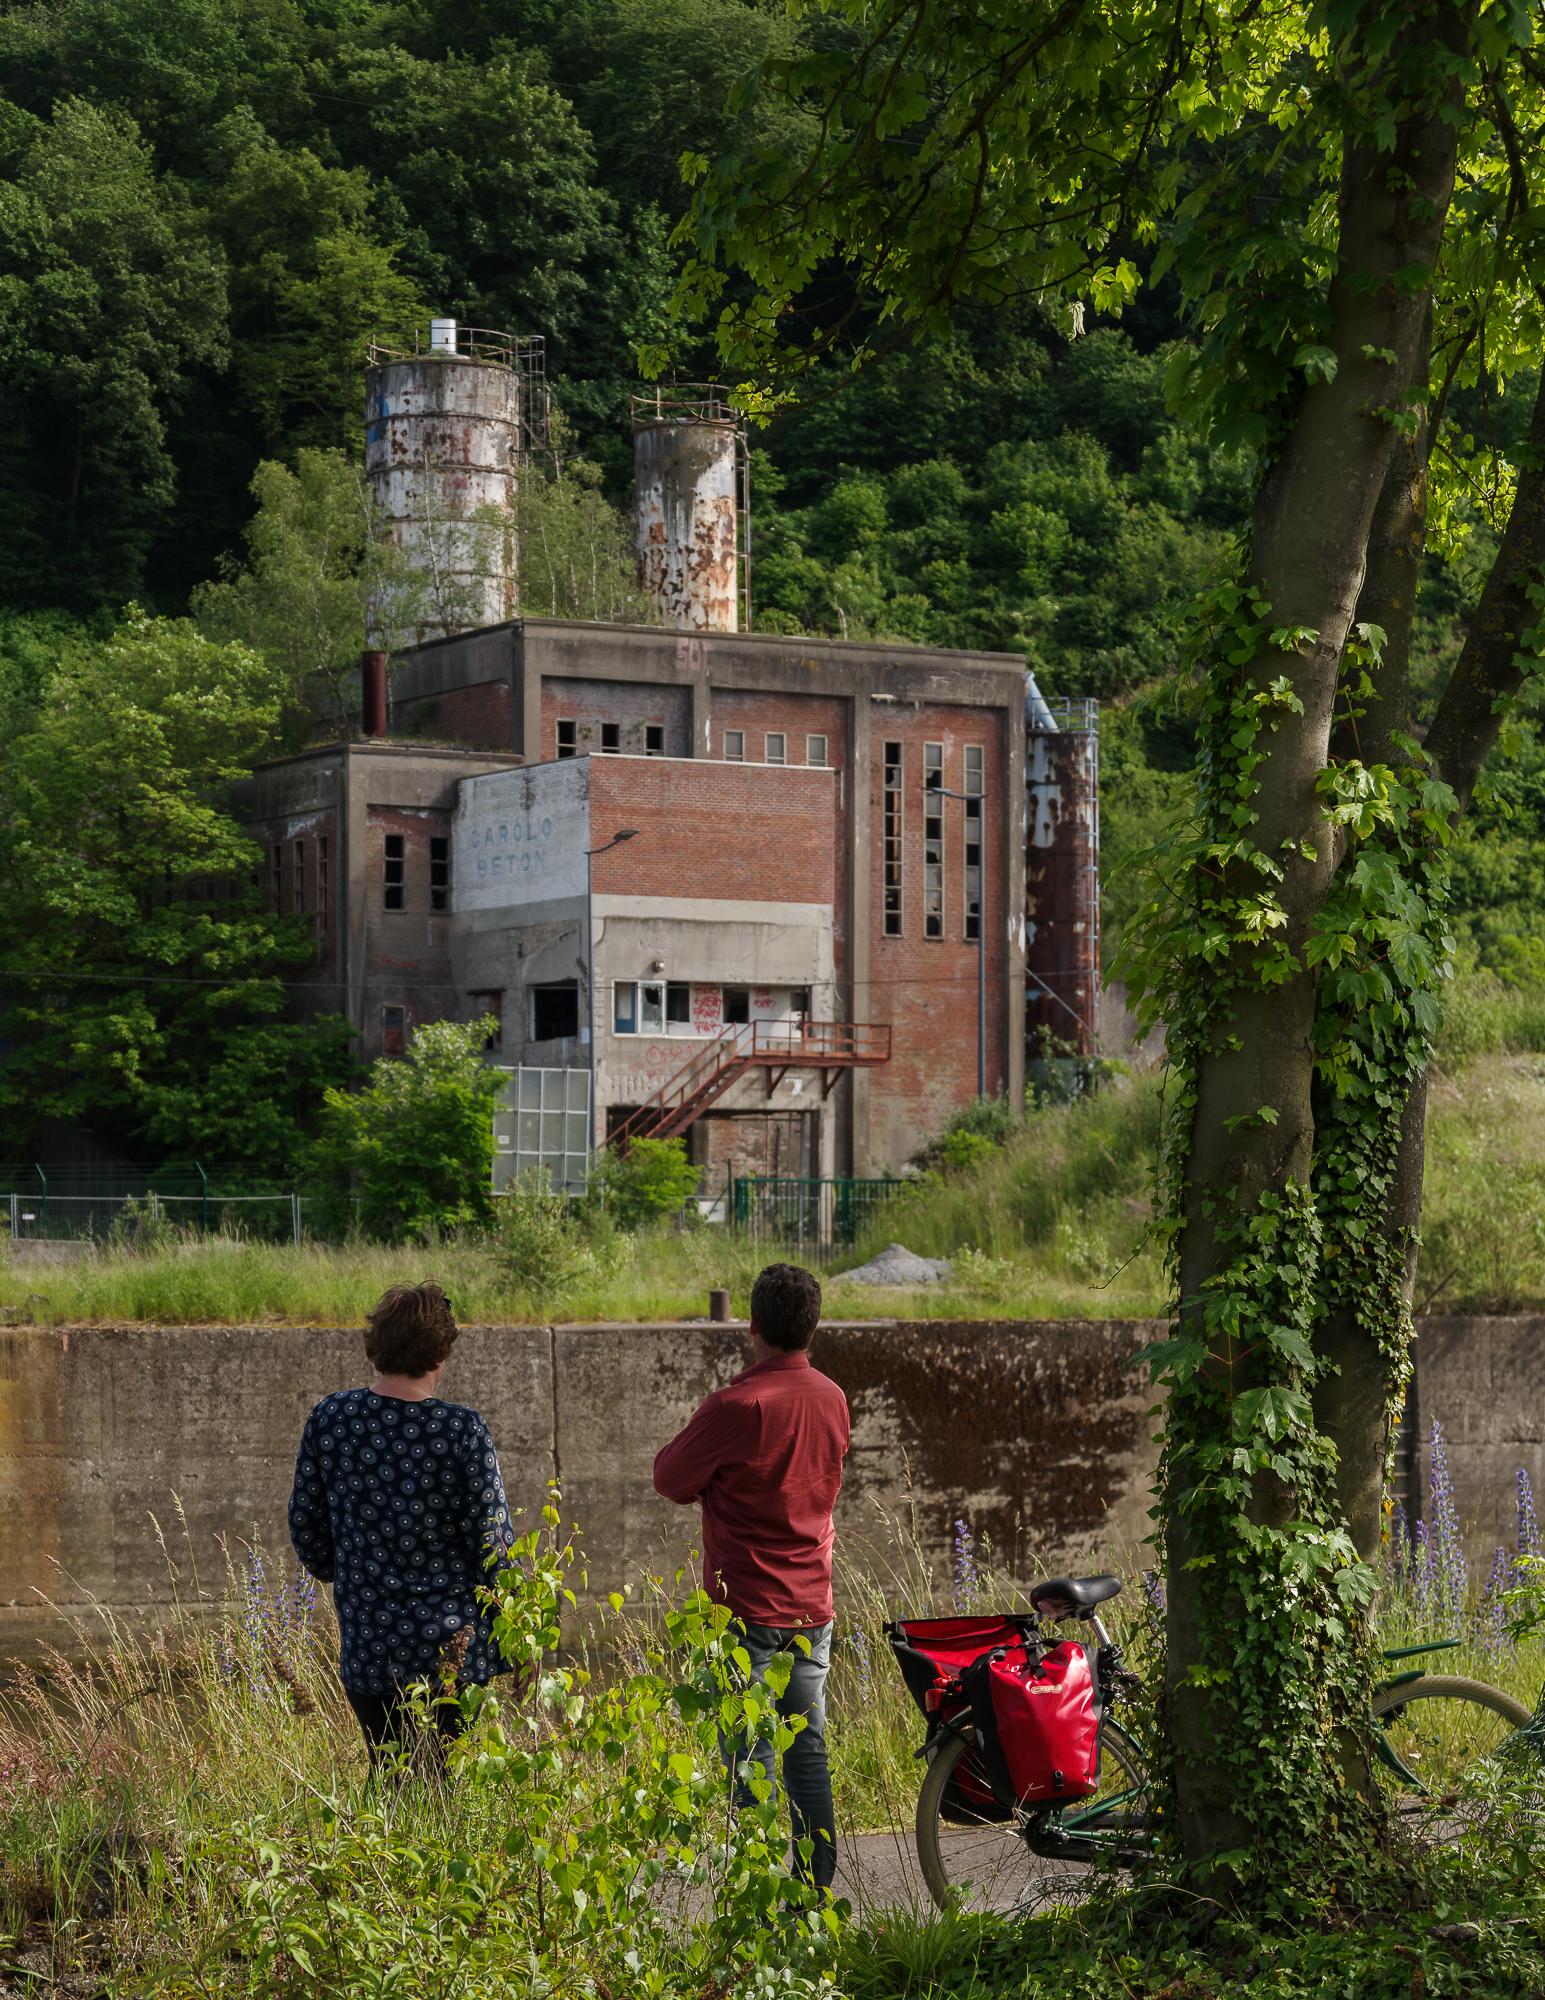 Aanschouwen van een oude fabriek